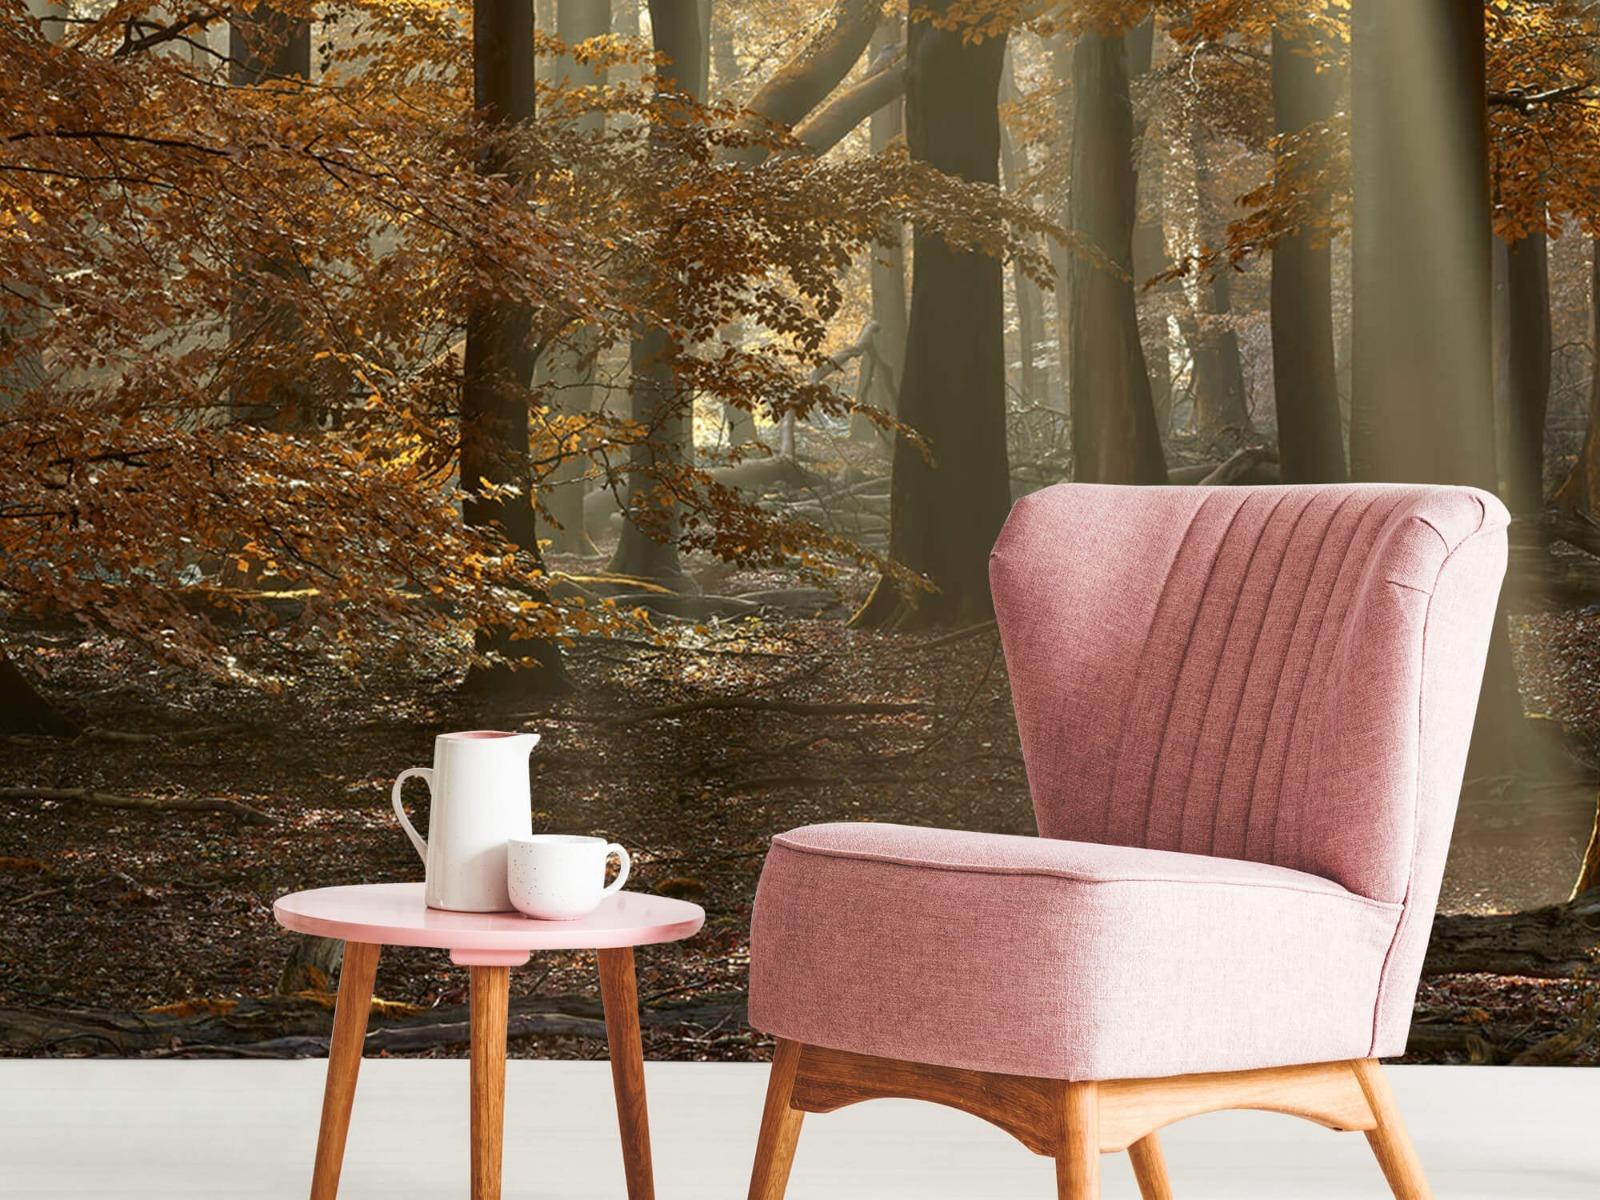 Bos behang - Herfstkleuren in het bos - Slaapkamer 4